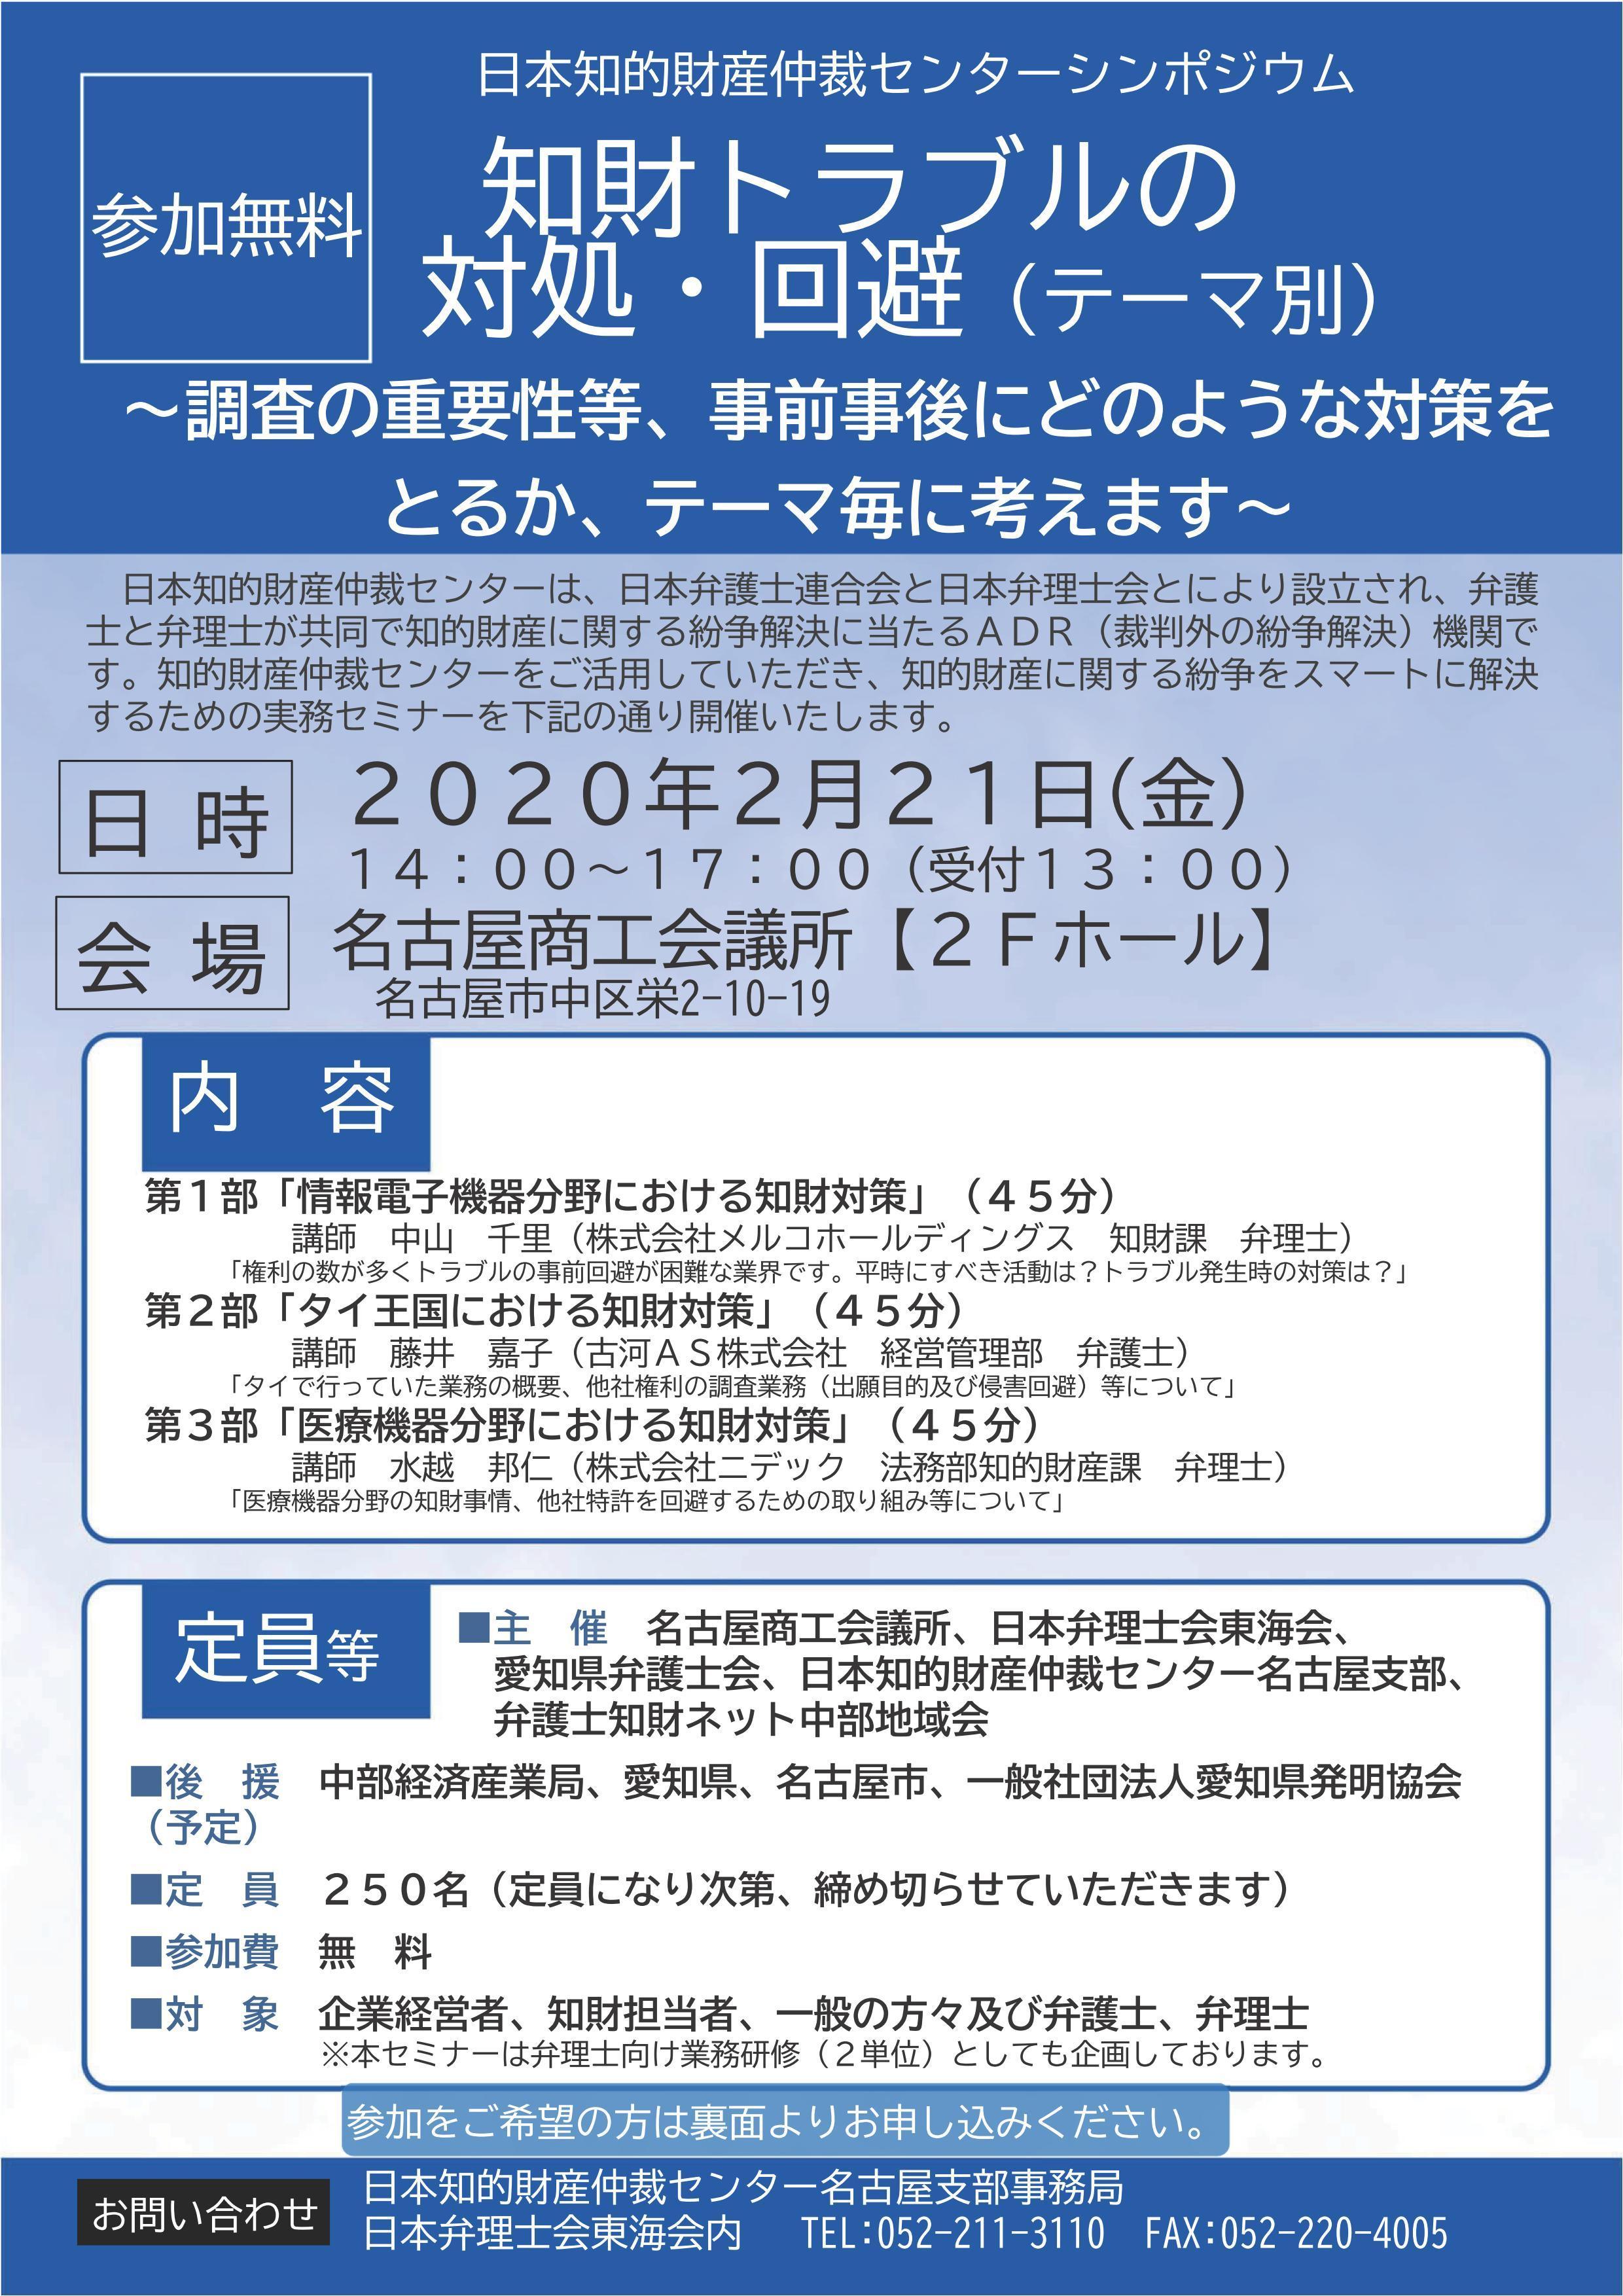 R1仲裁センター名古屋支部シンポチラシ001.jpg